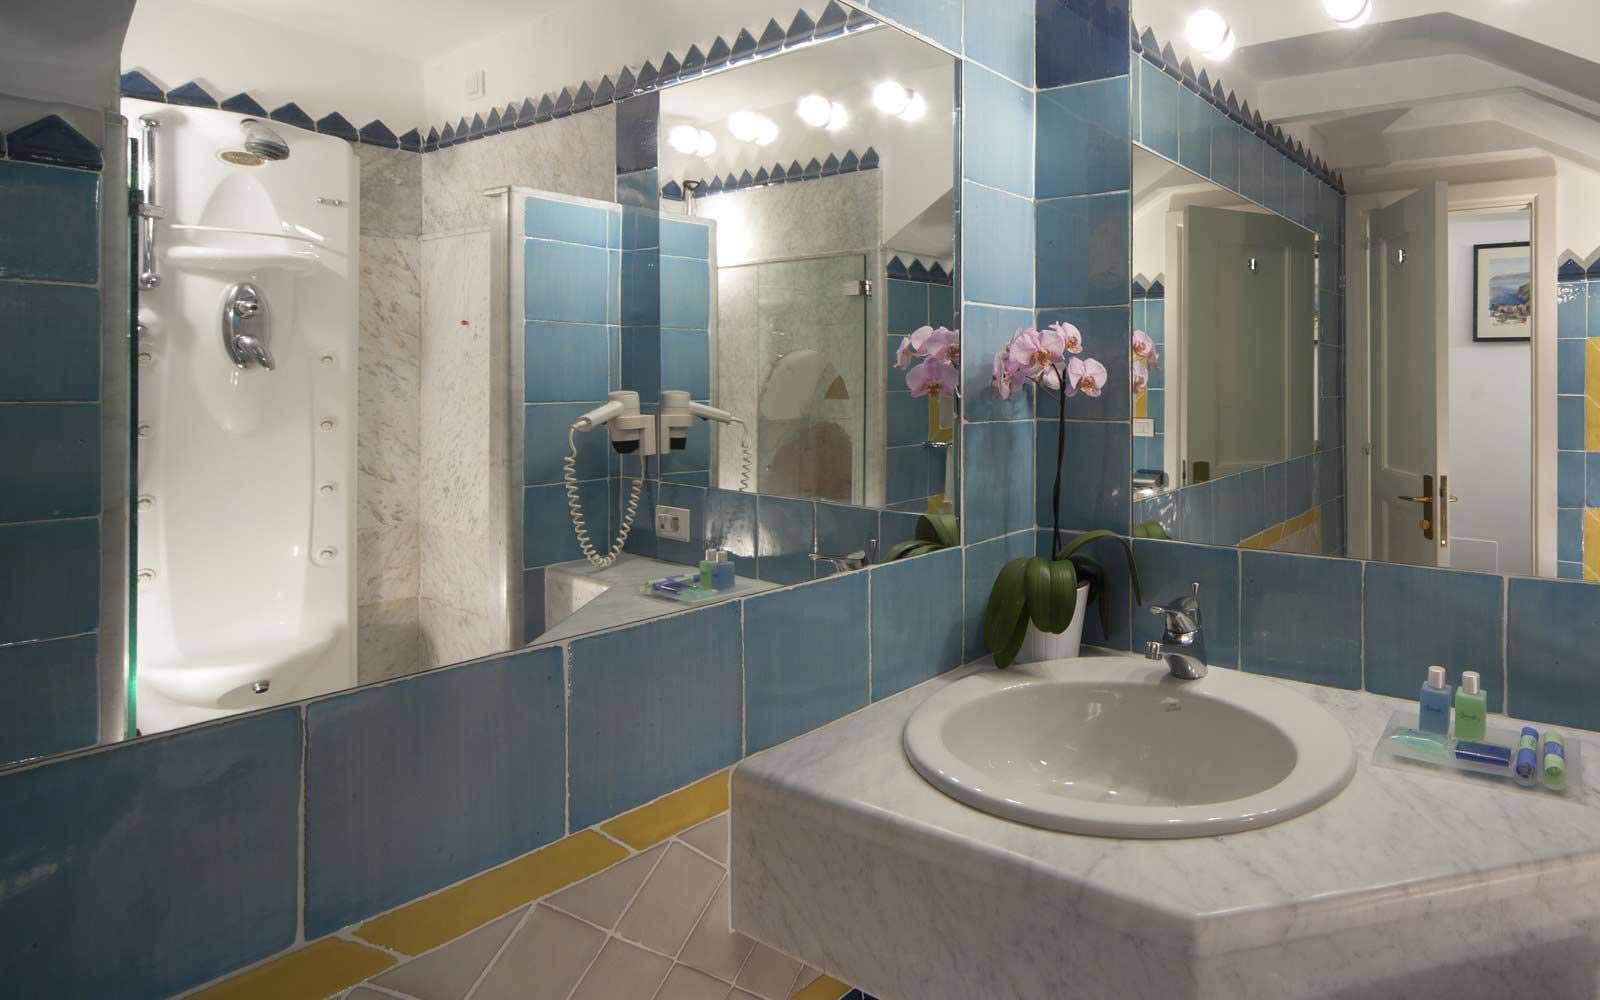 Bathroom at Hotel Miramalfi